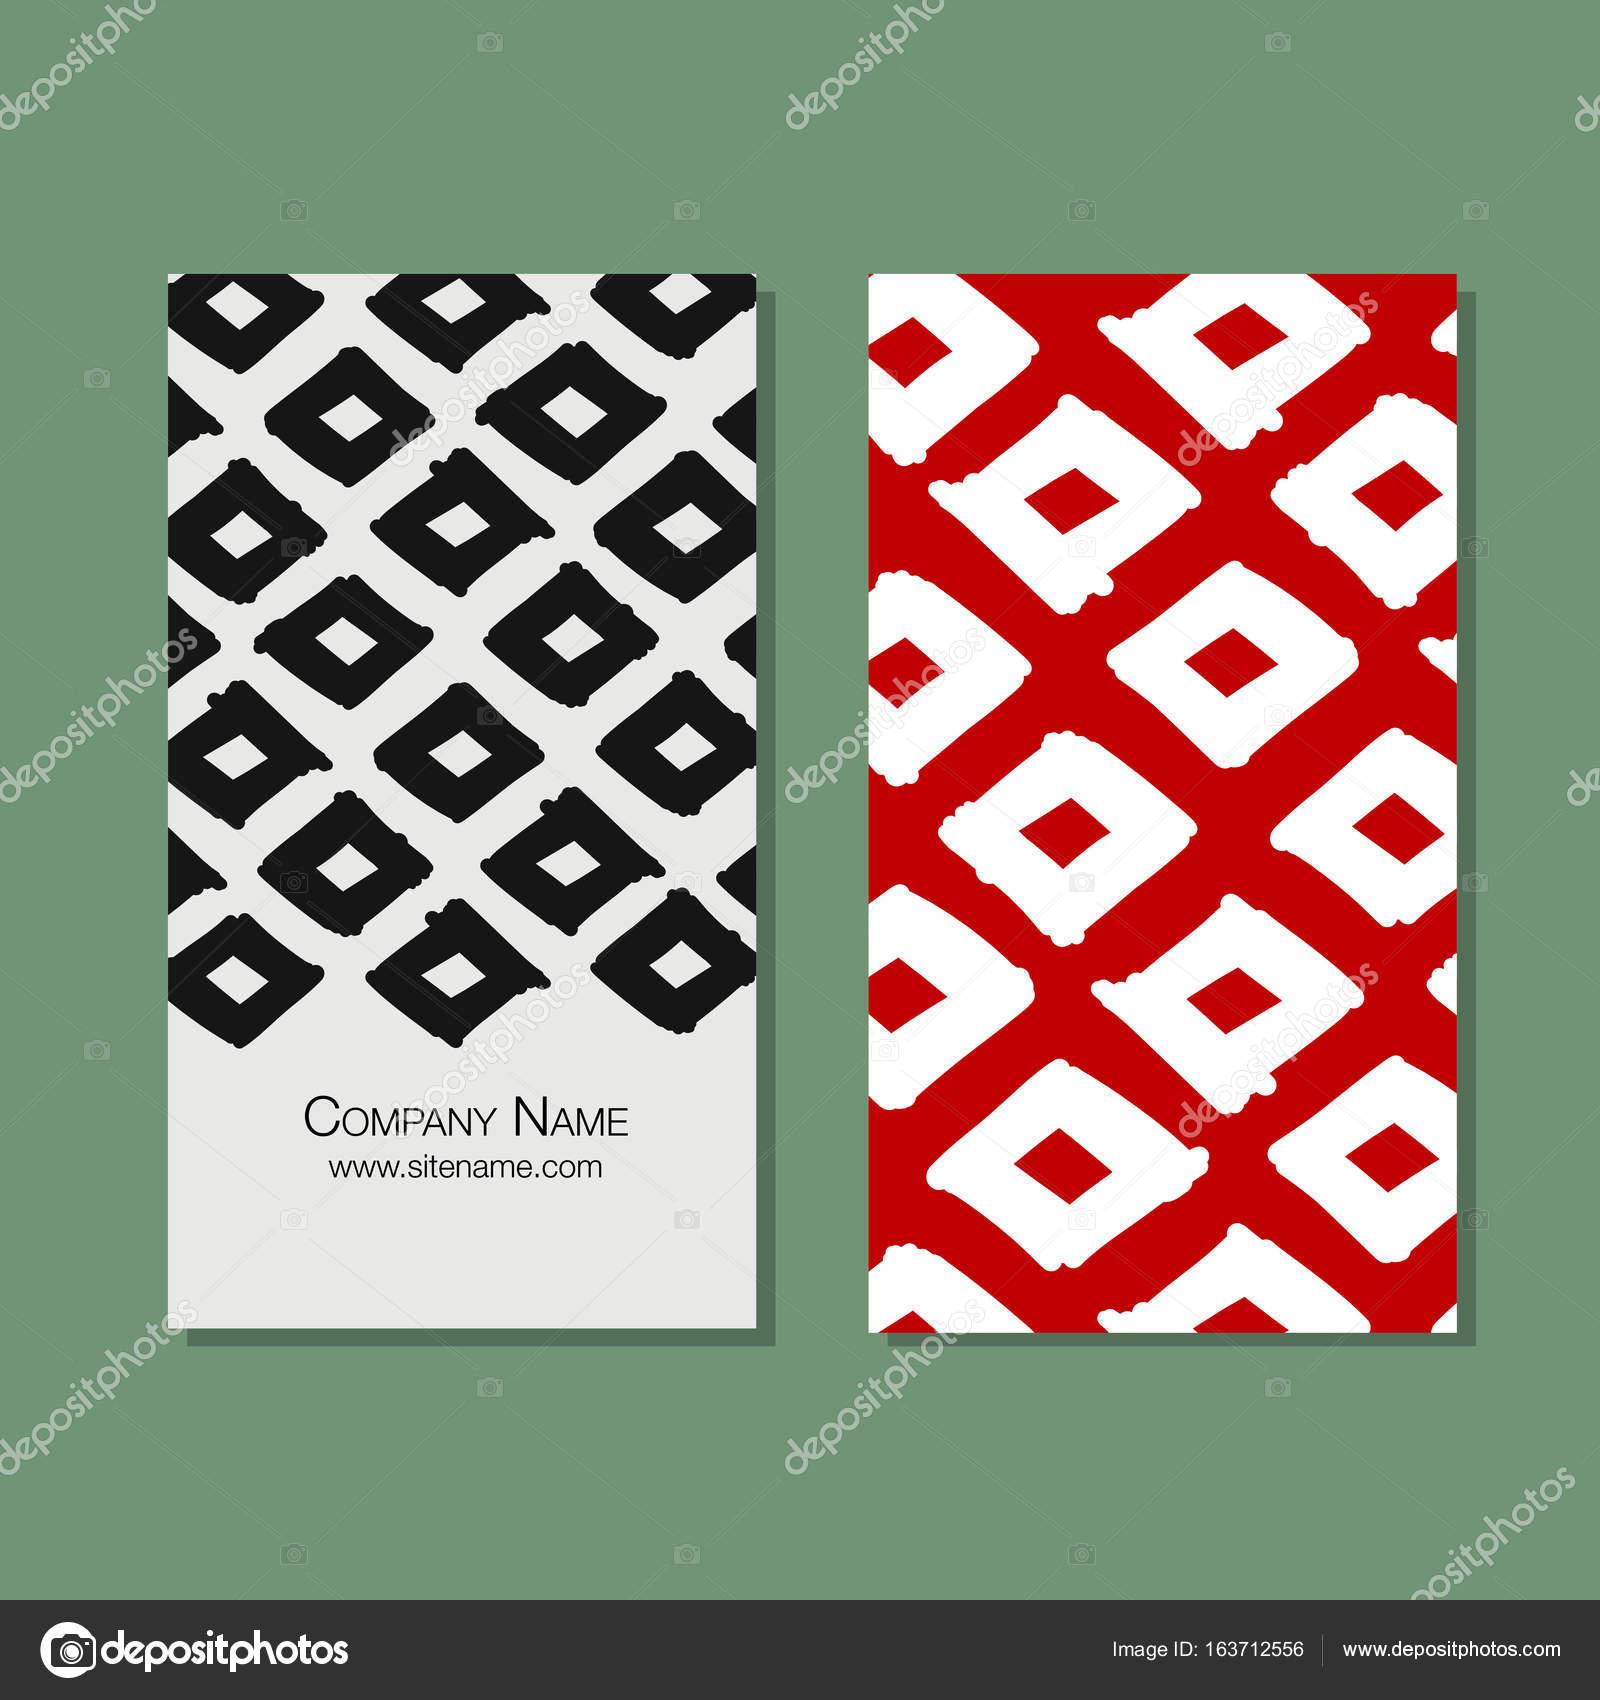 Cartes De Visite Design Motif Tissu Gomtrique Image Vectorielle